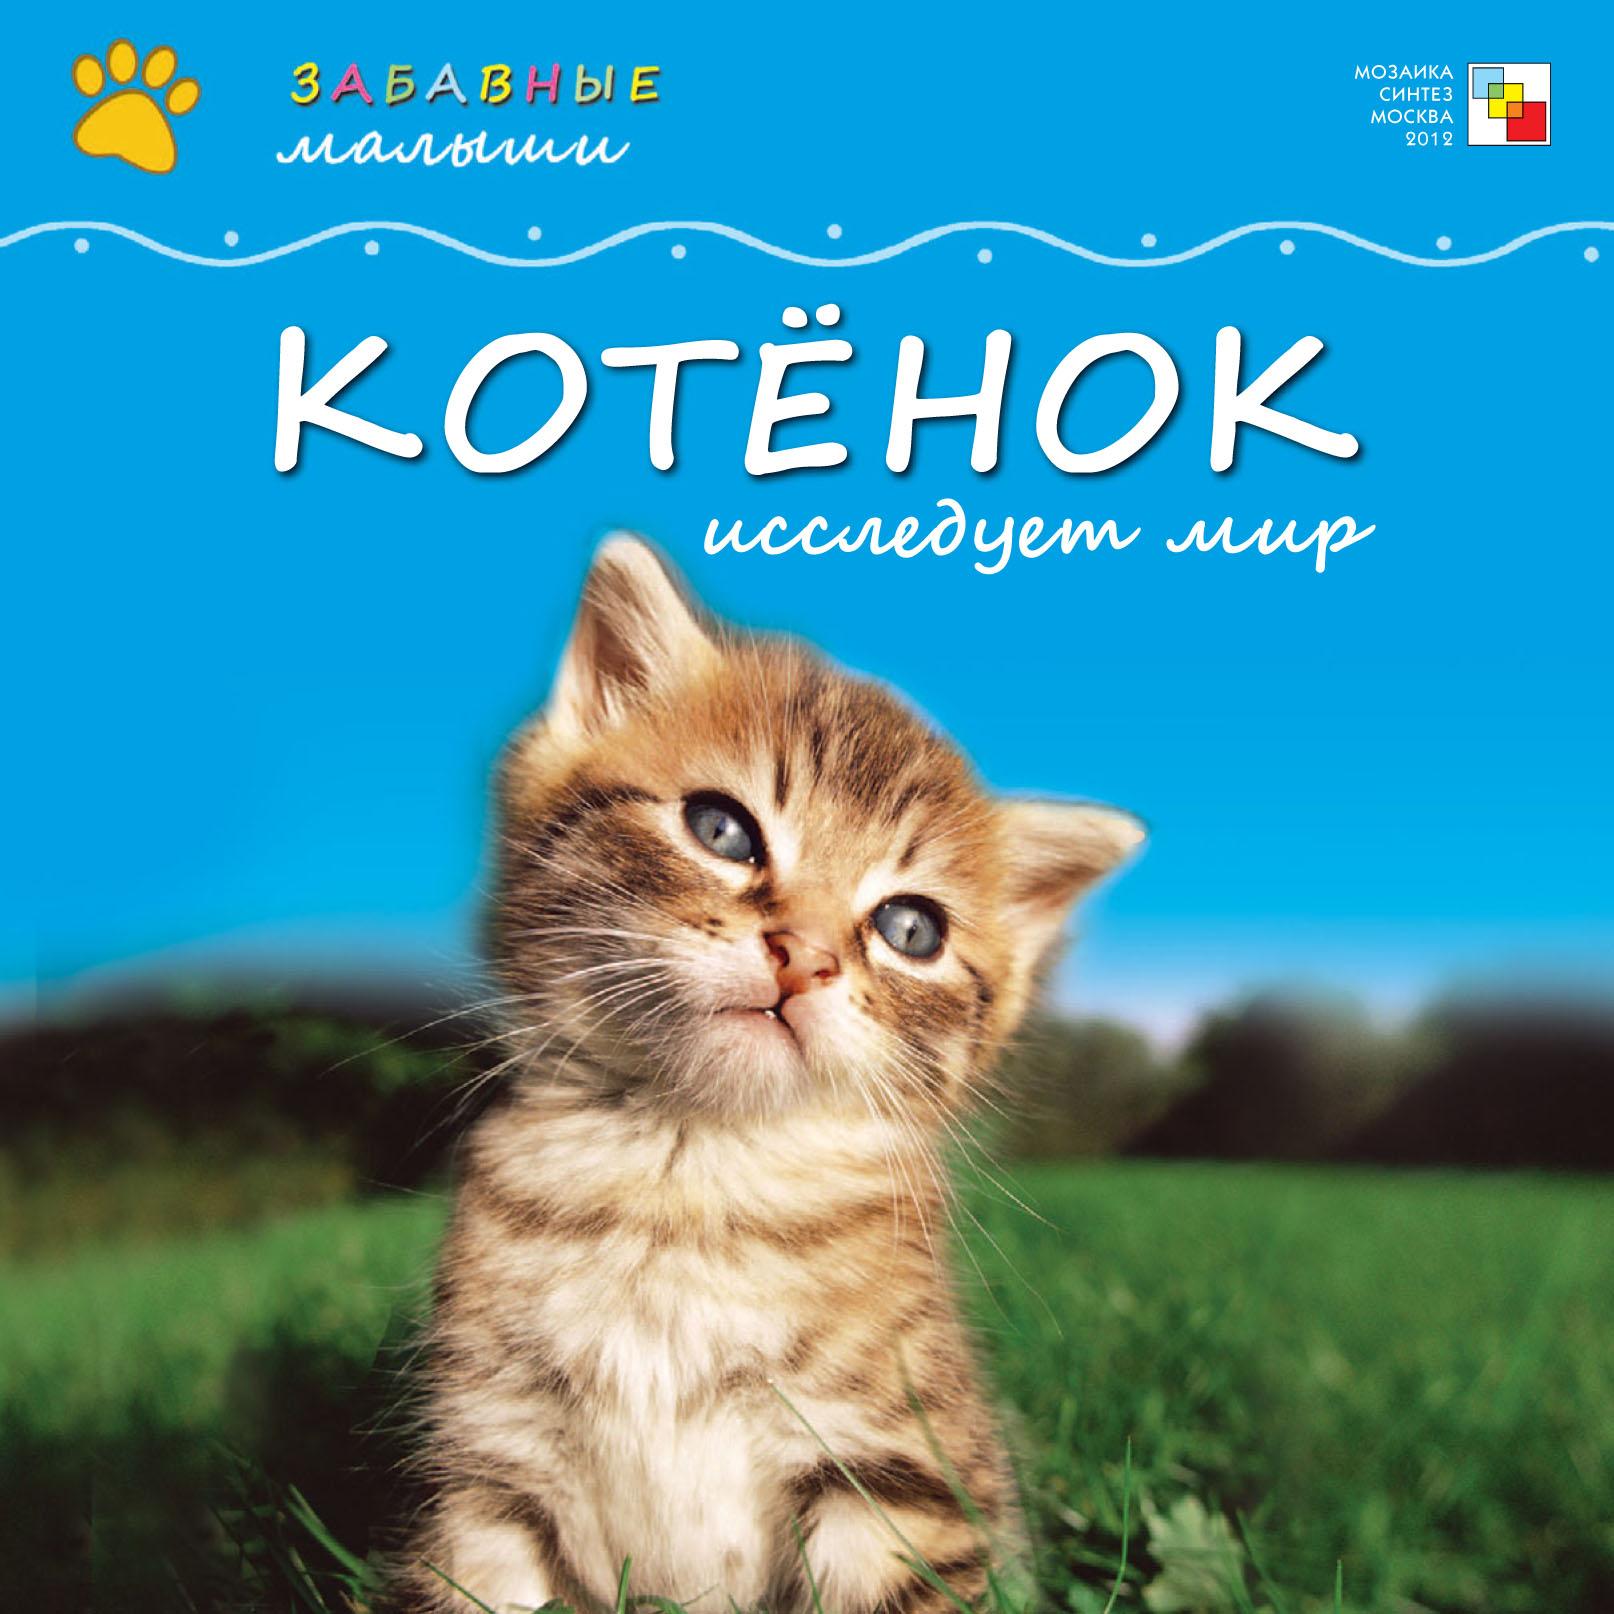 Котёнок исследует мир